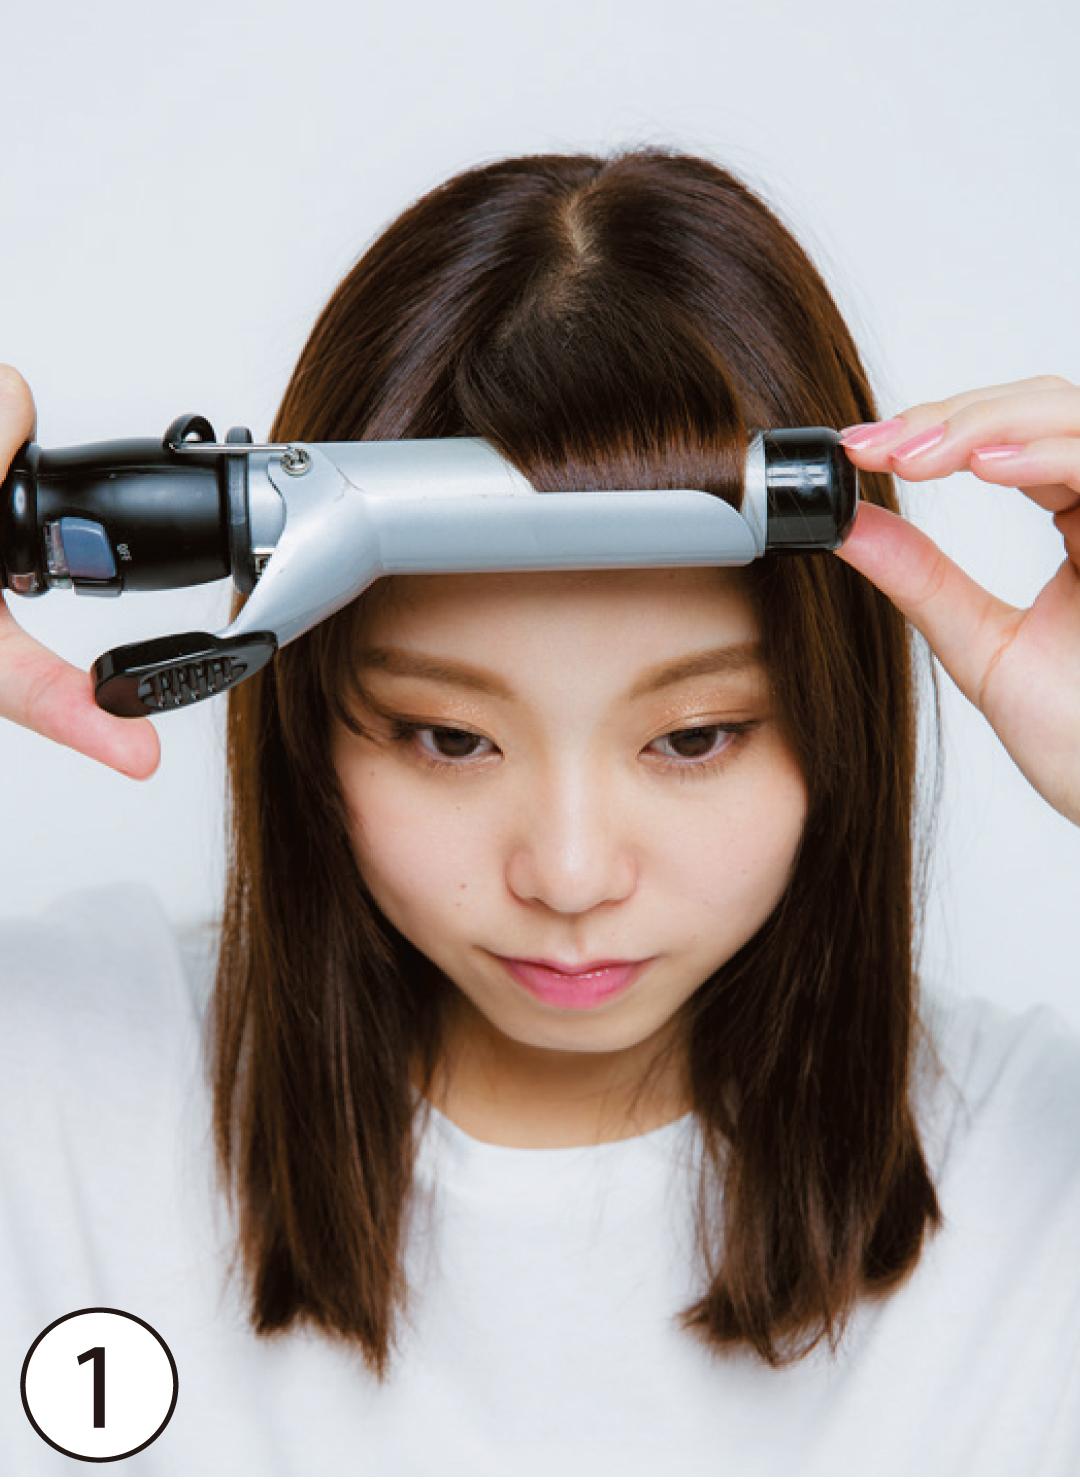 ①ヘアアイロンで毛先を内巻きに 基本のスタイリング②で登場するヘアカーラーの代わりに、ヘアアイロンで前髪の毛先をワンカール。よりしっかりクセをつけ、顔に立体感を。